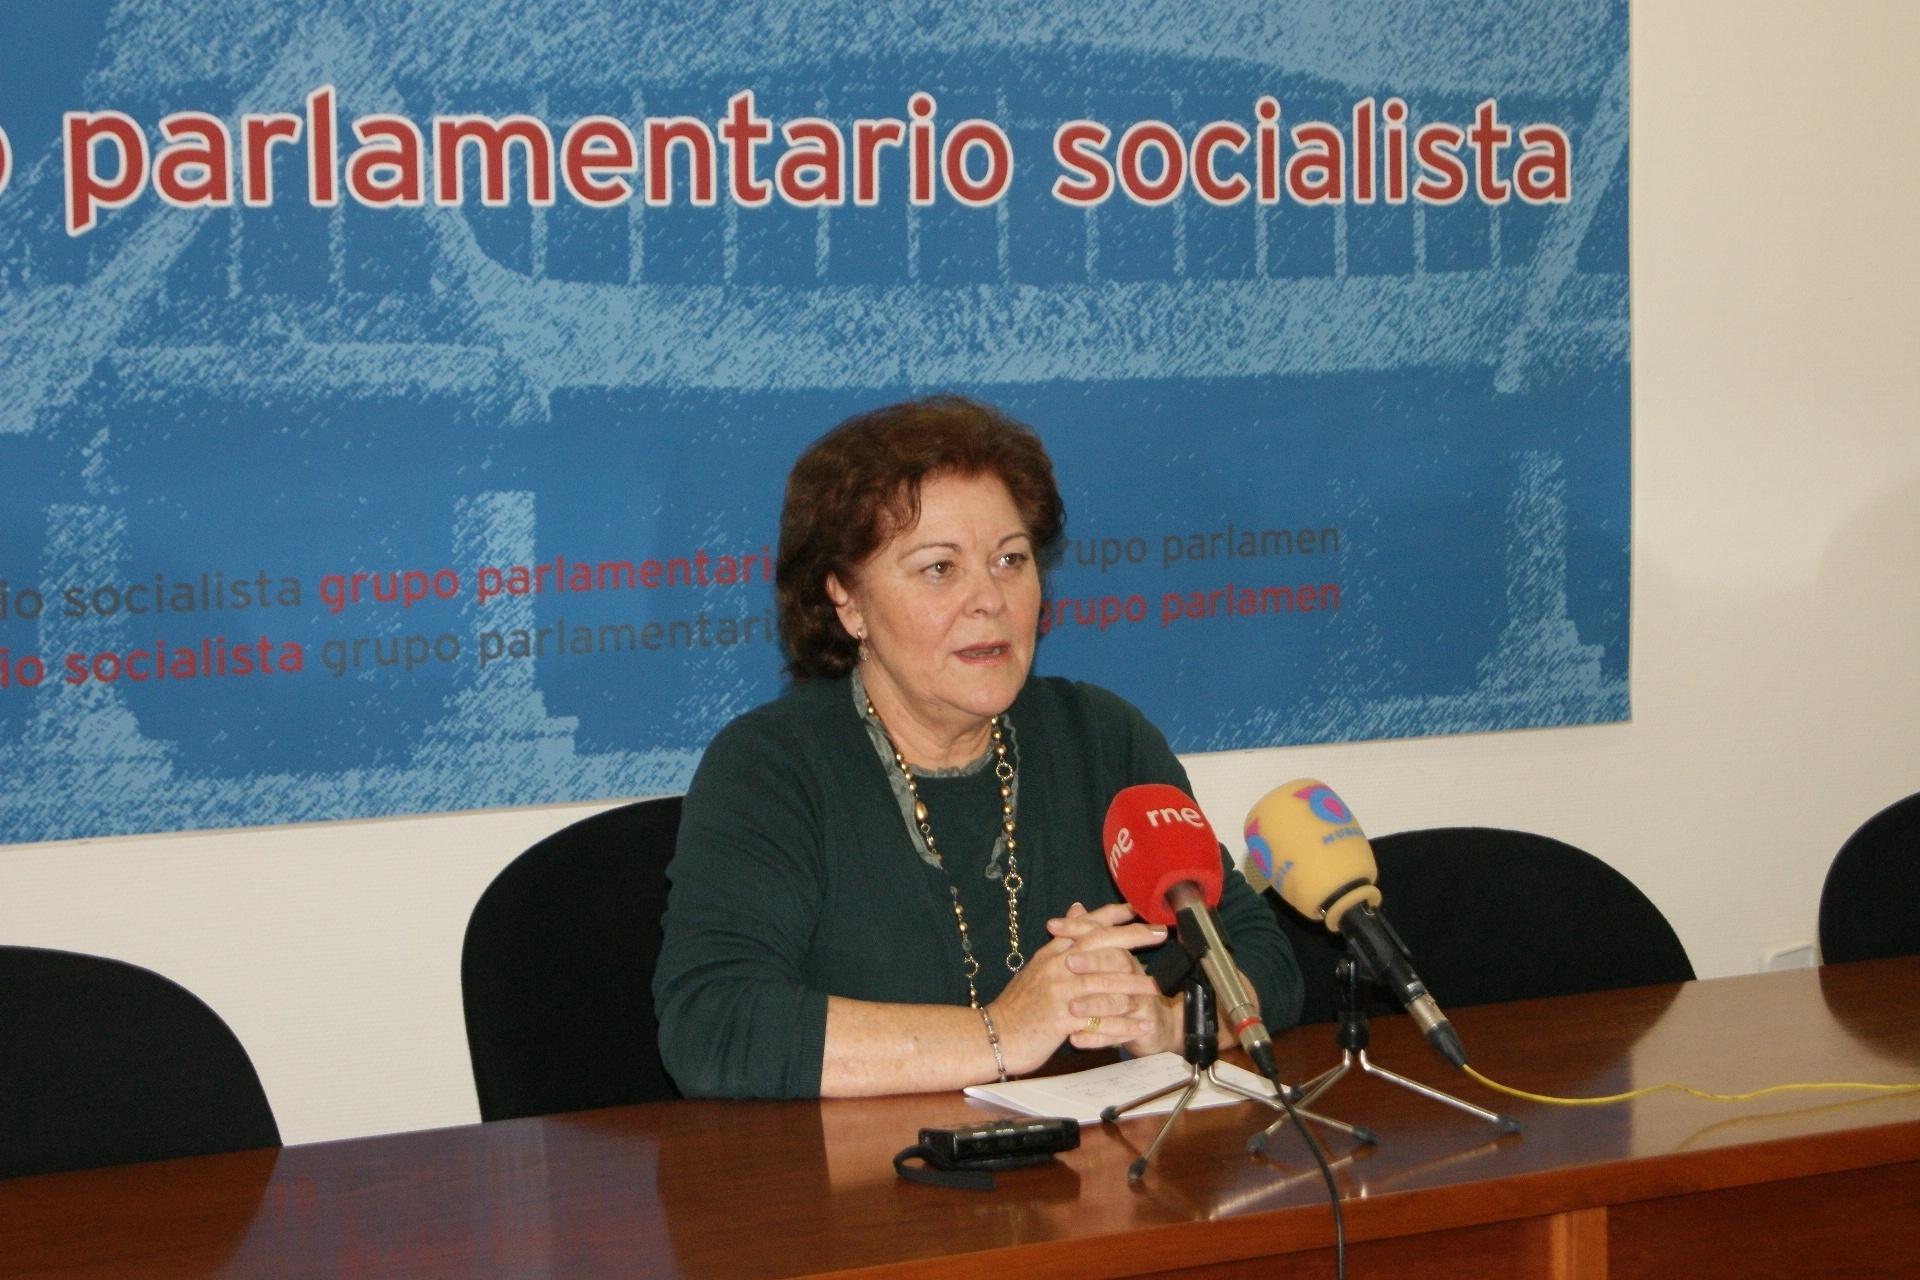 PSOE exige que Sanidad medie «en el conflicto de limpieza del H. La Arrixaca» (Murcia) y busque solución «consensuada»